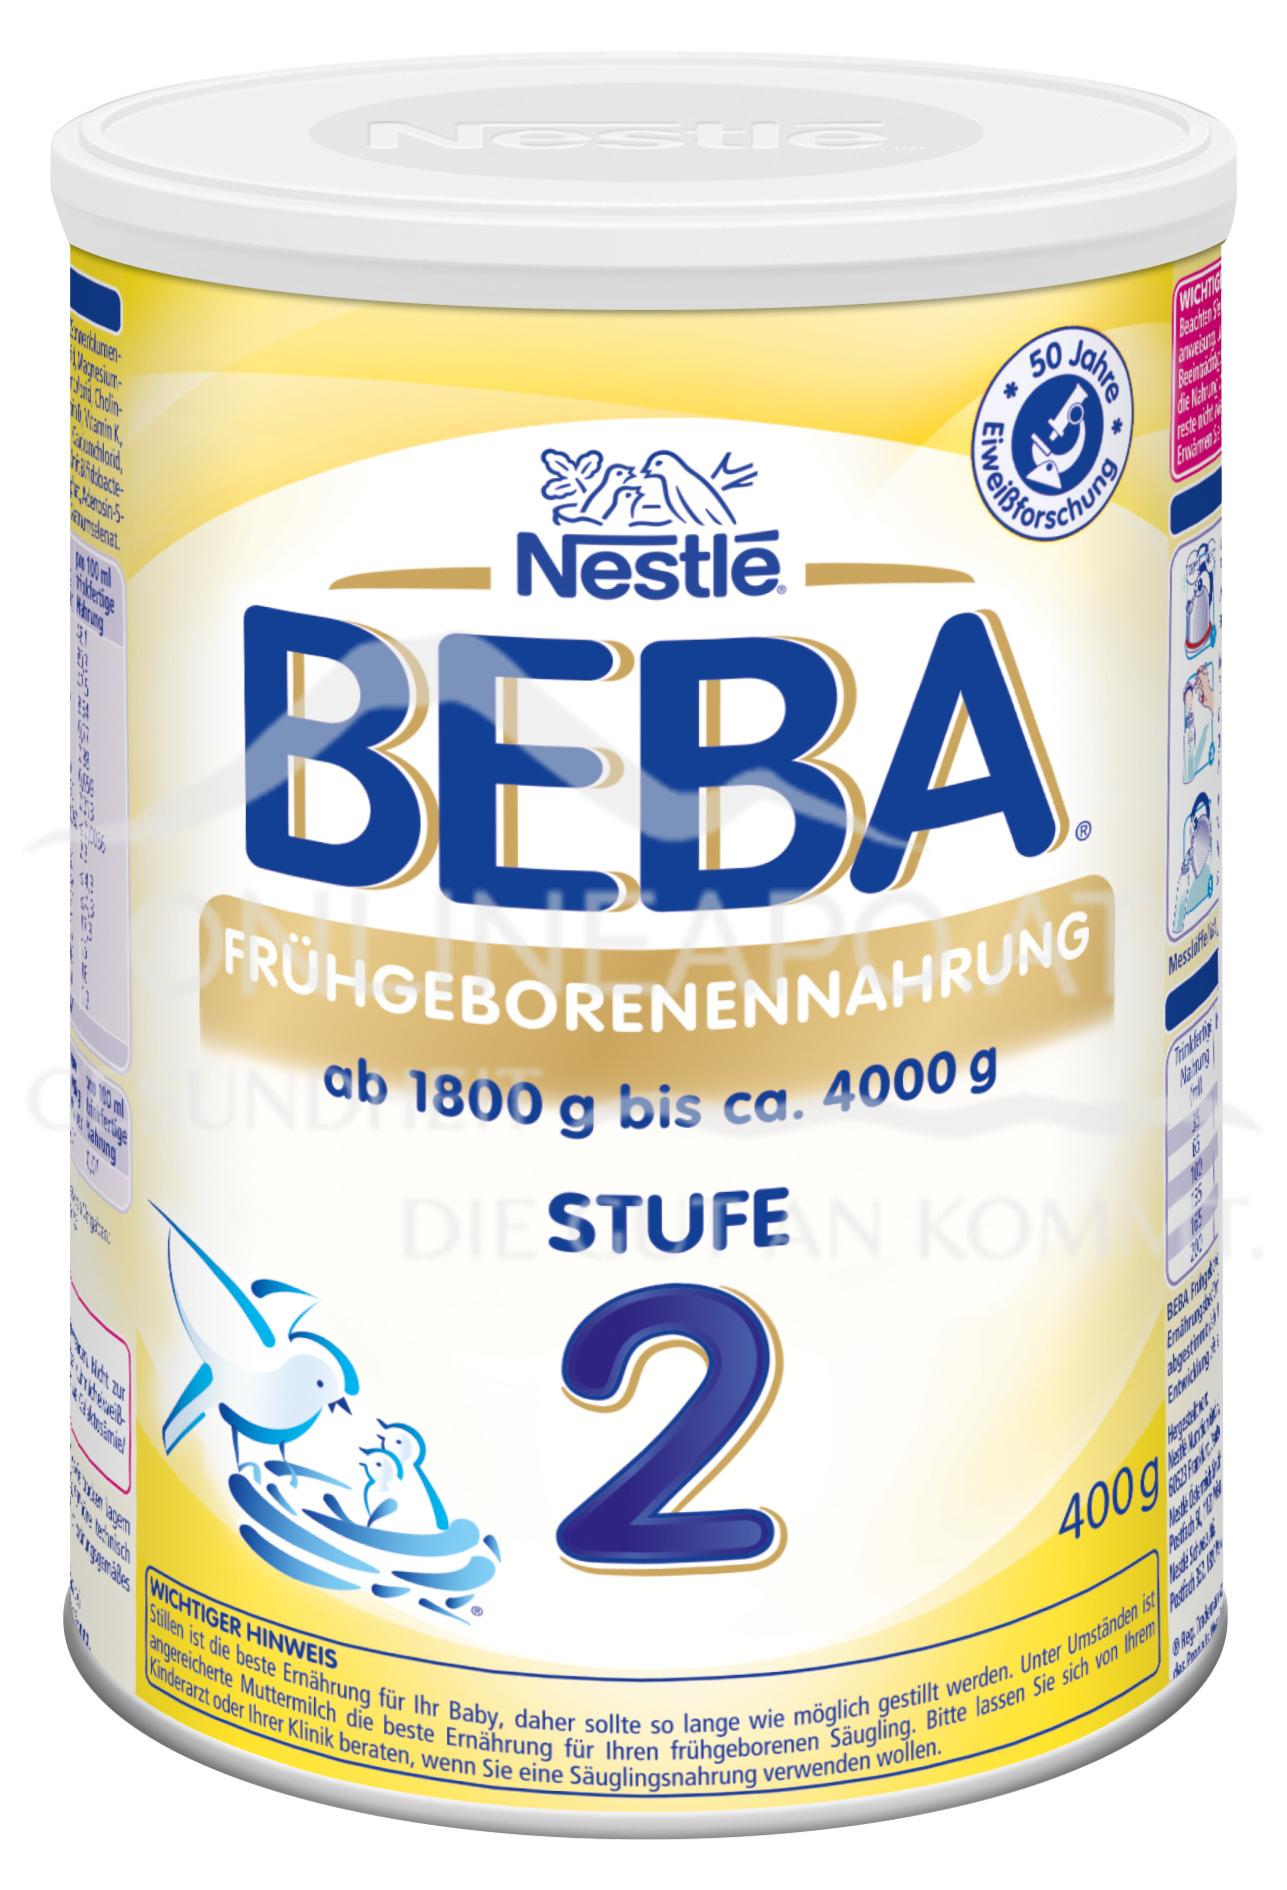 Nestlé BEBA Frühgeborenennahrung Stufe 2